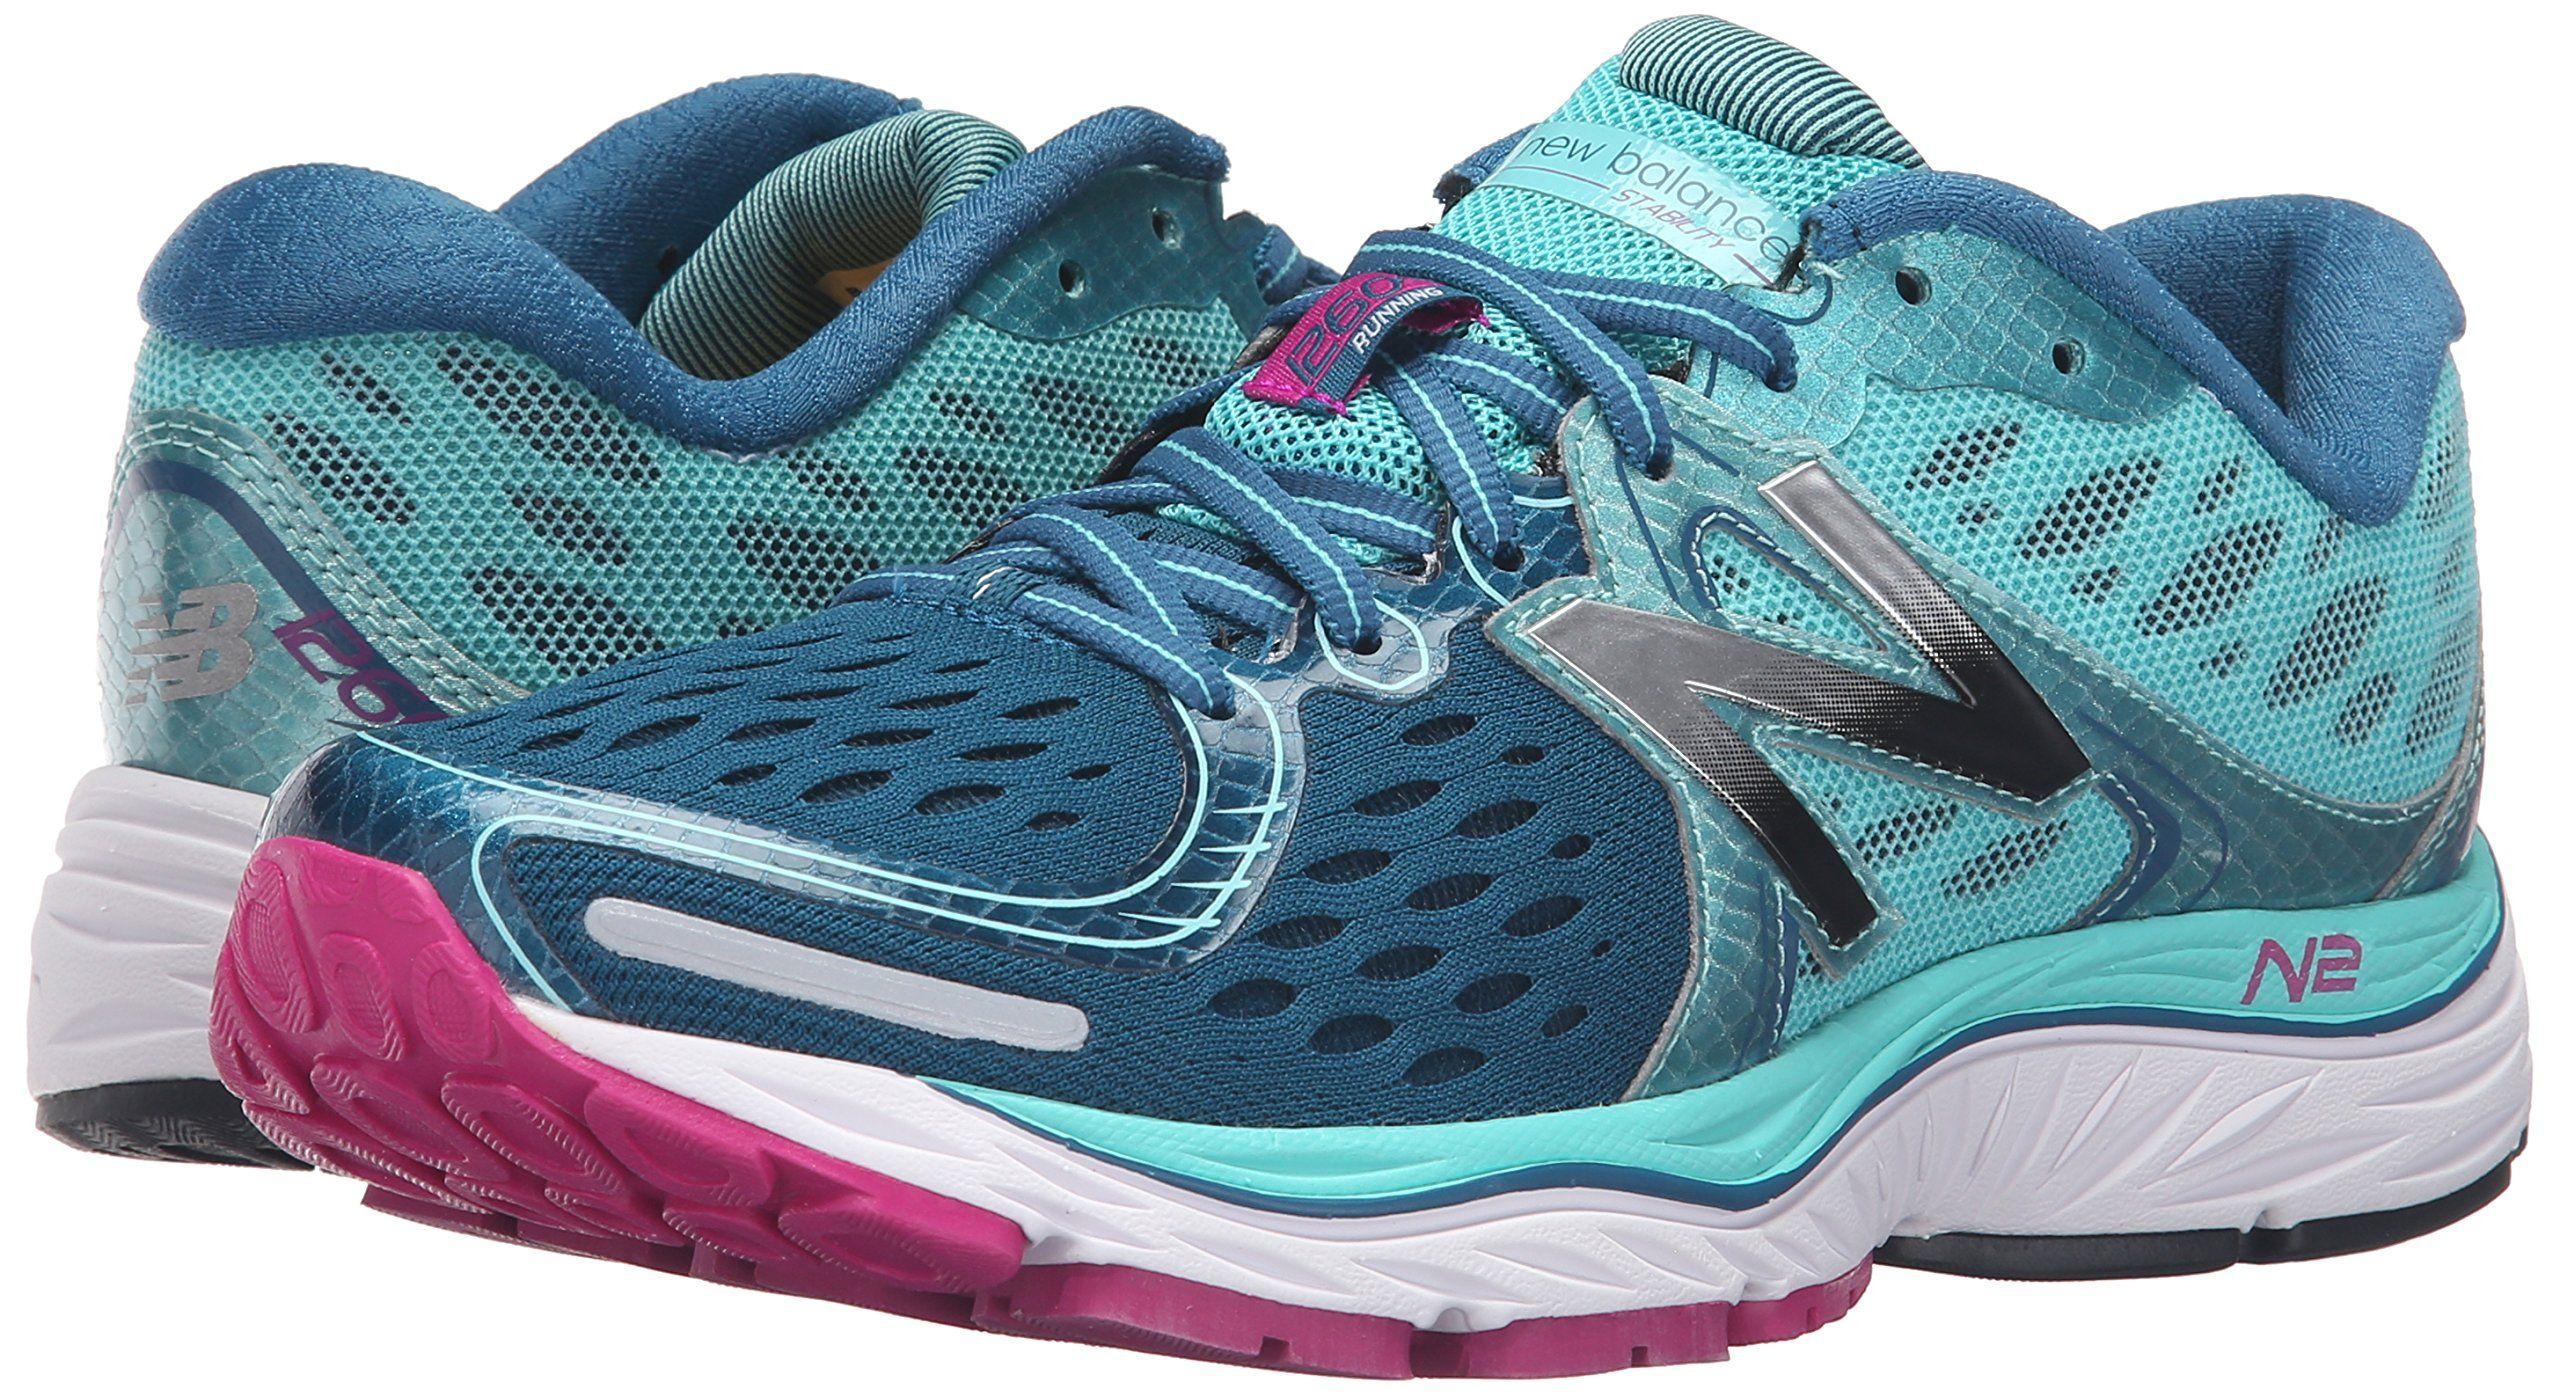 New Balance Womens 1260v6 Running Shoe